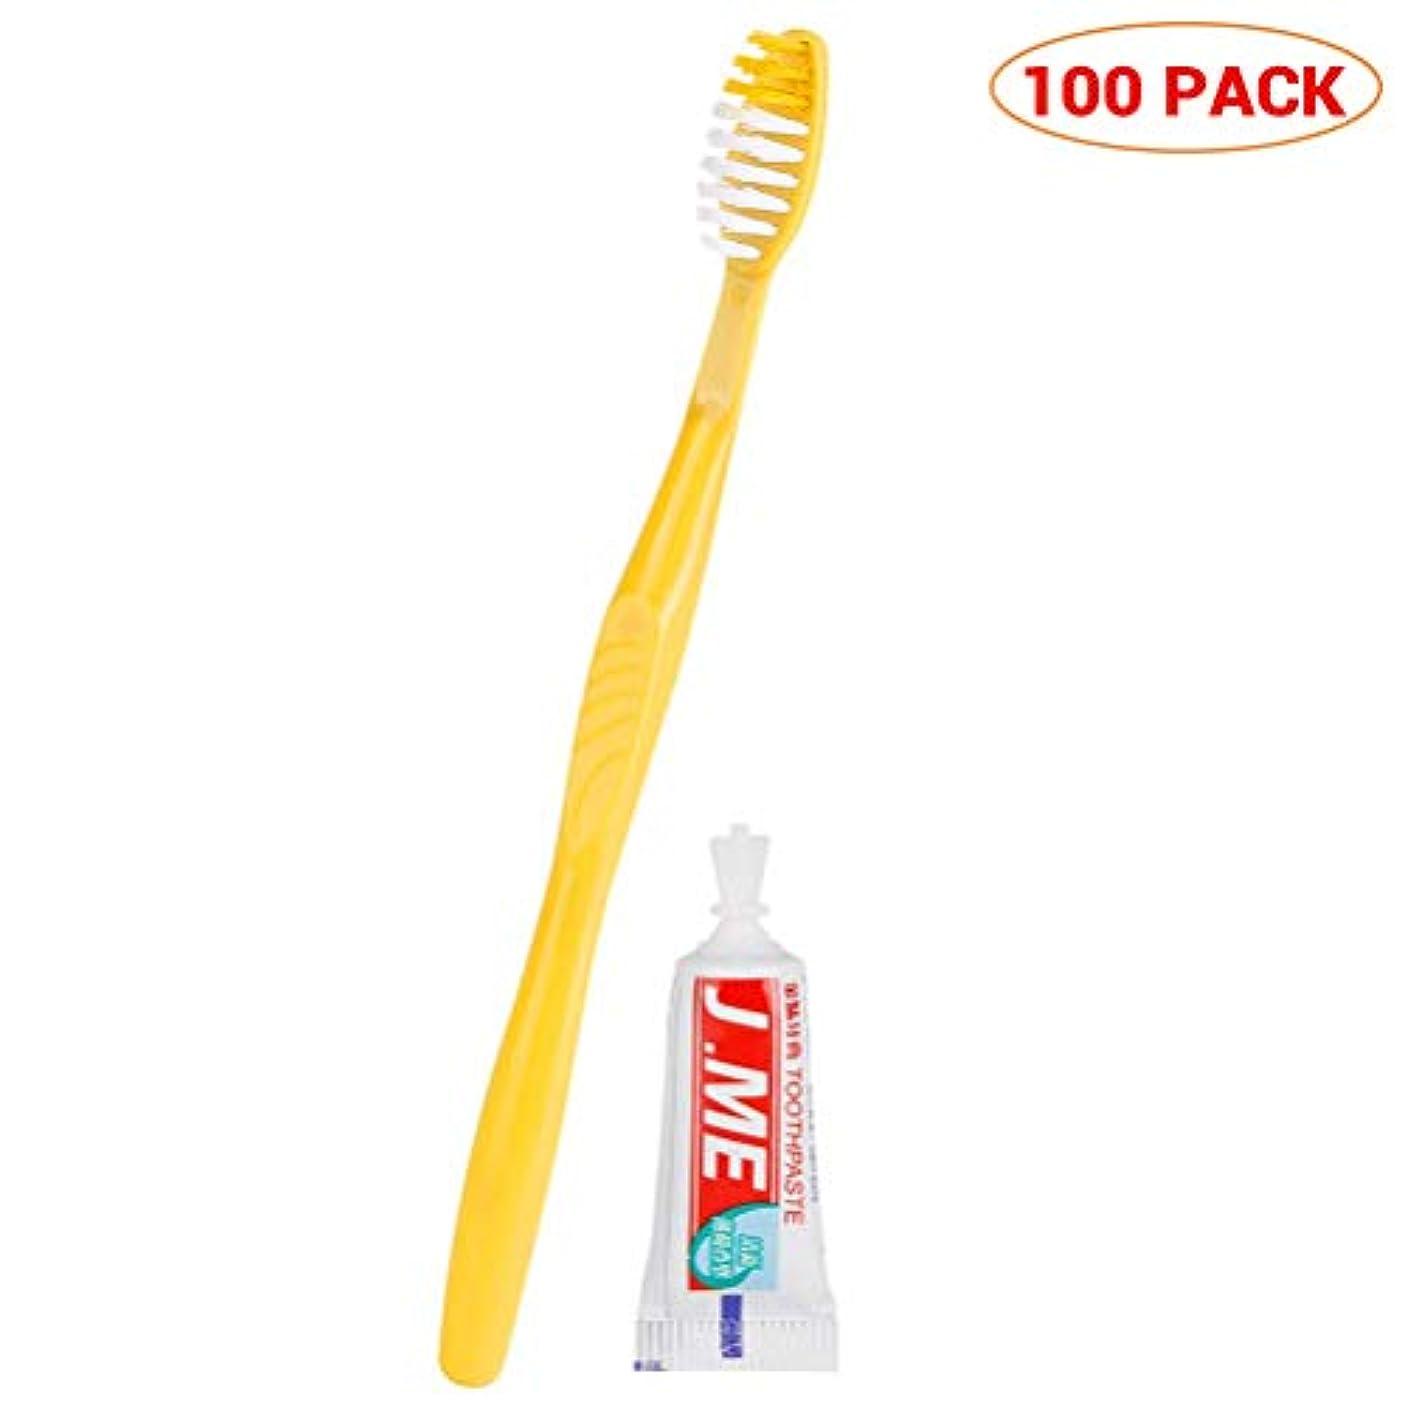 Creacom 歯ブラシセット 歯ぶらし 使い捨て コンパクト 透明素材 清潔 軽量 携帯便利 キャップ 旅行出張に最適 ホテル 旅館 業務用 家族用 100 Set